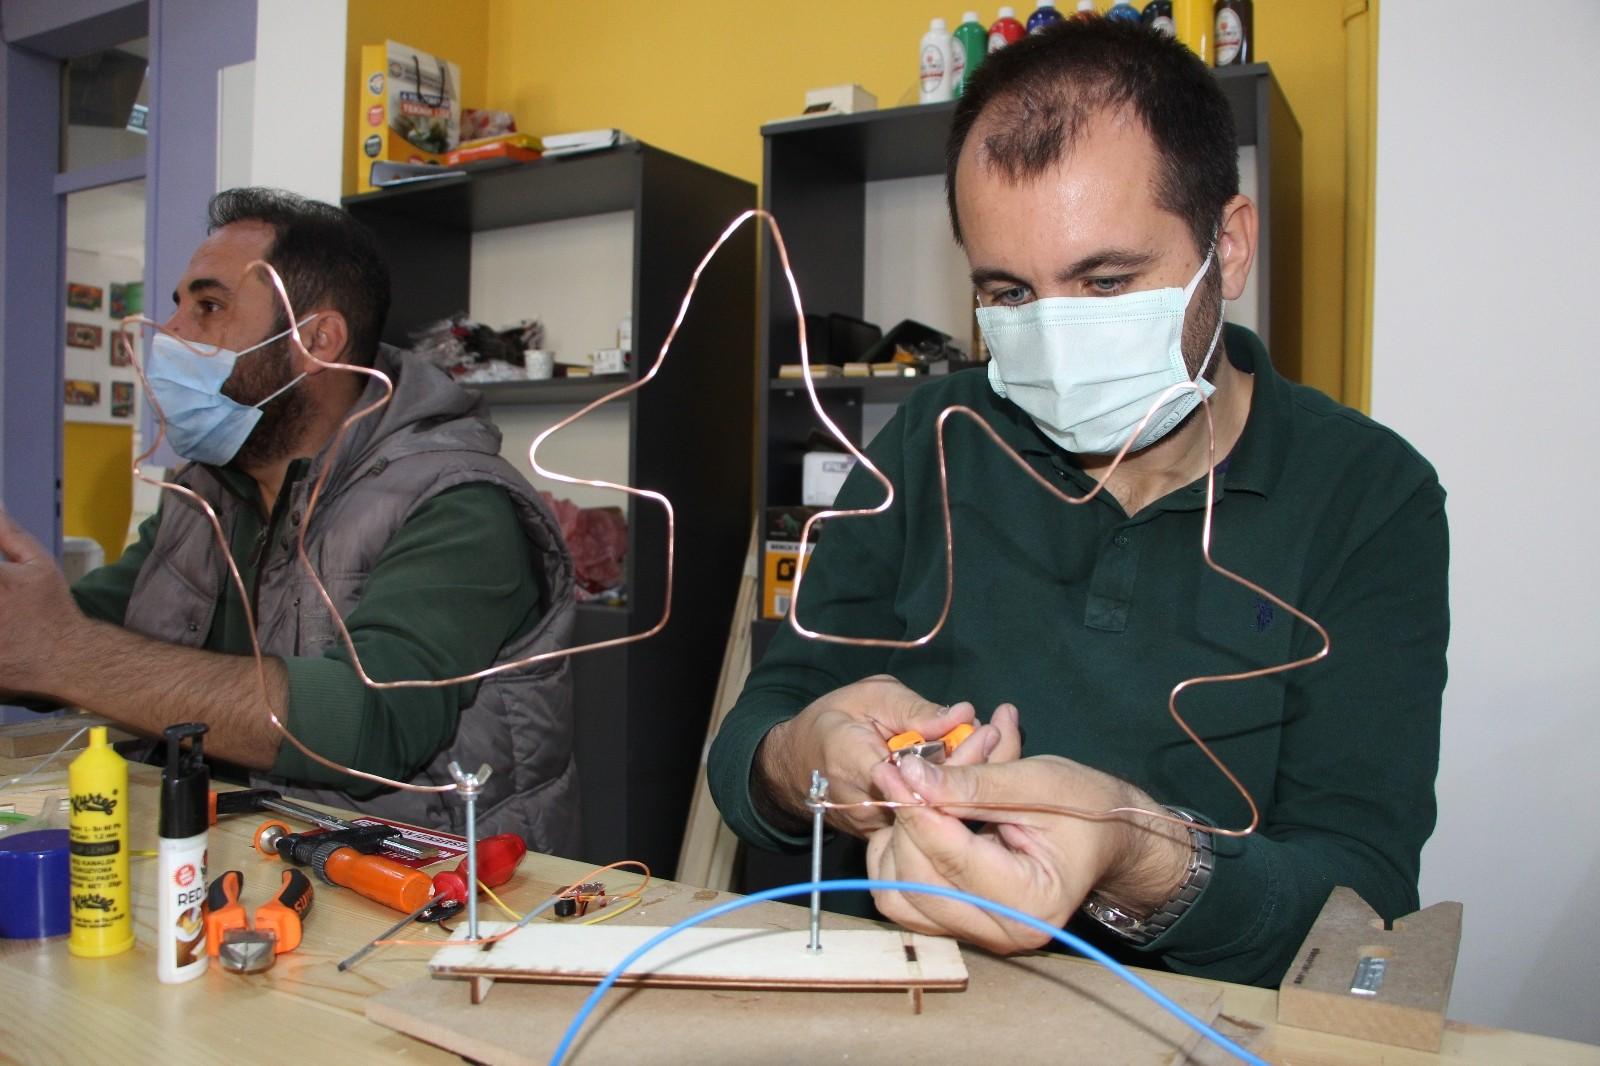 Bingöl'de atölyeler kuruldu, öğrencilere ders verecek öğretmenler eğitime alındı